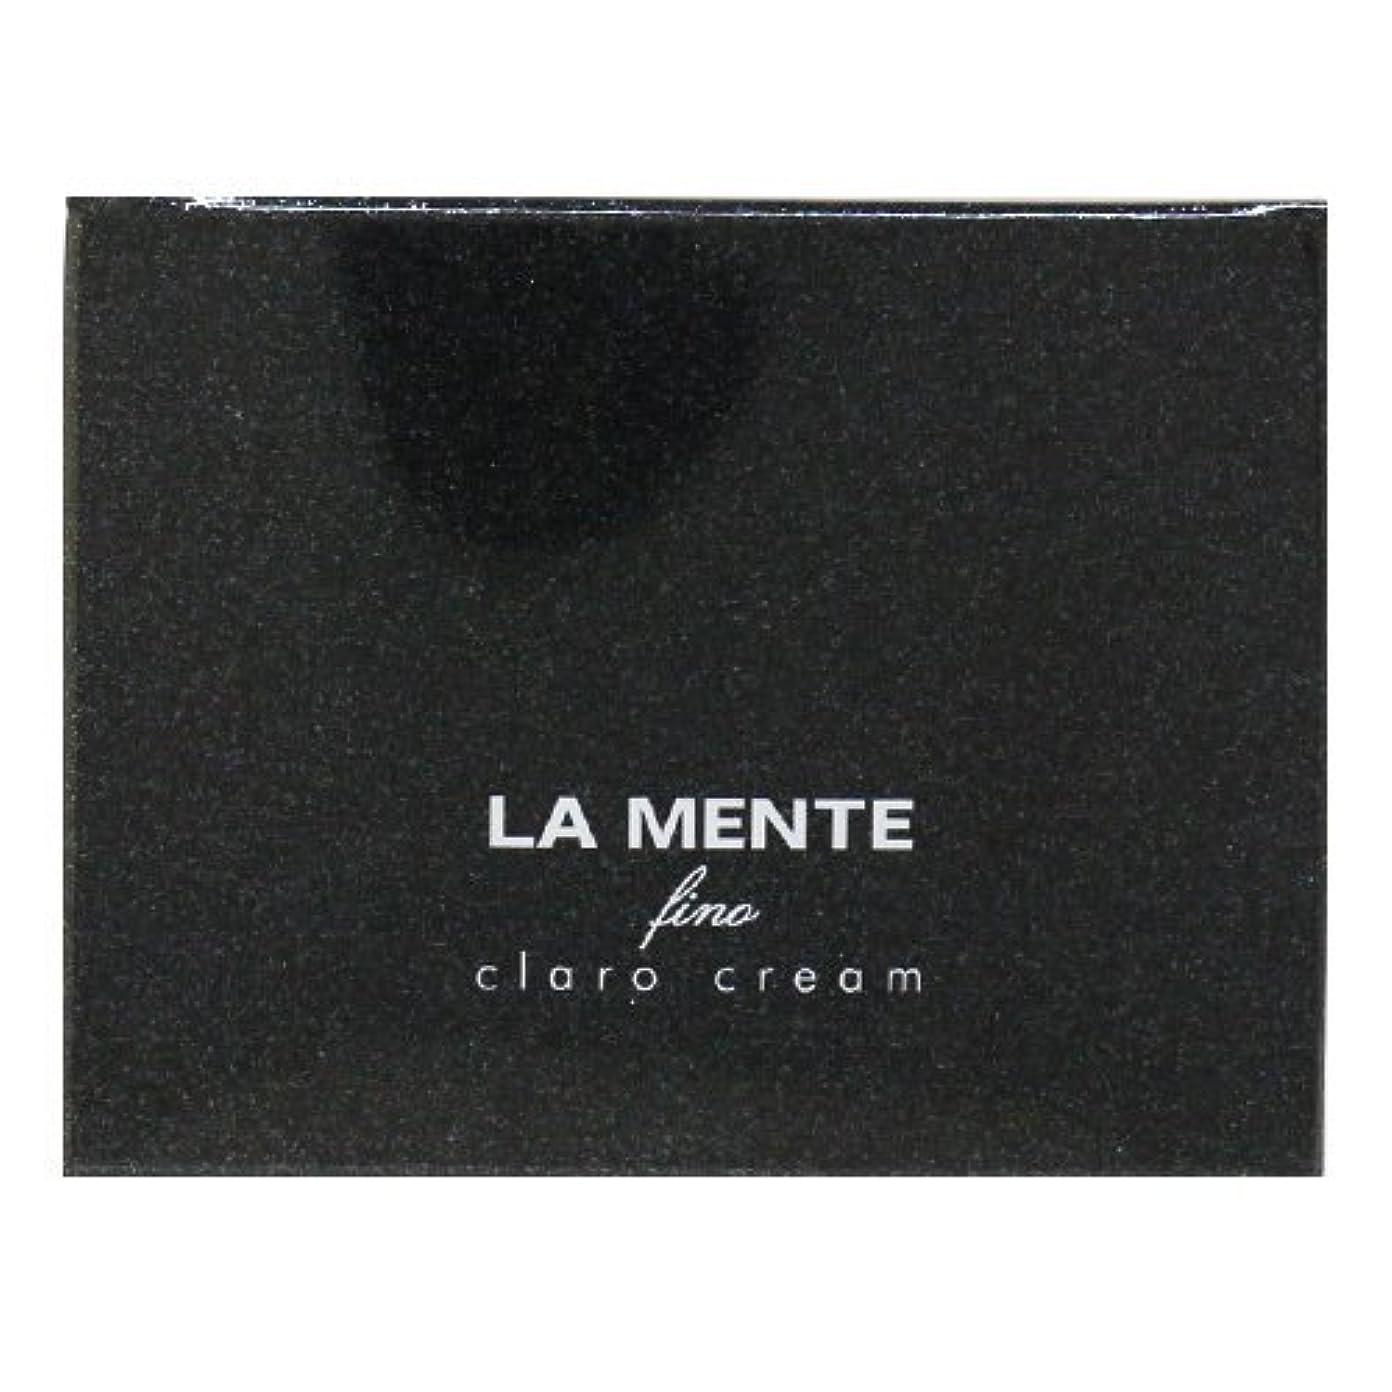 高価なコンプリート石油ラメンテ フィーノ クラロクリーム 40g (4543802600963)